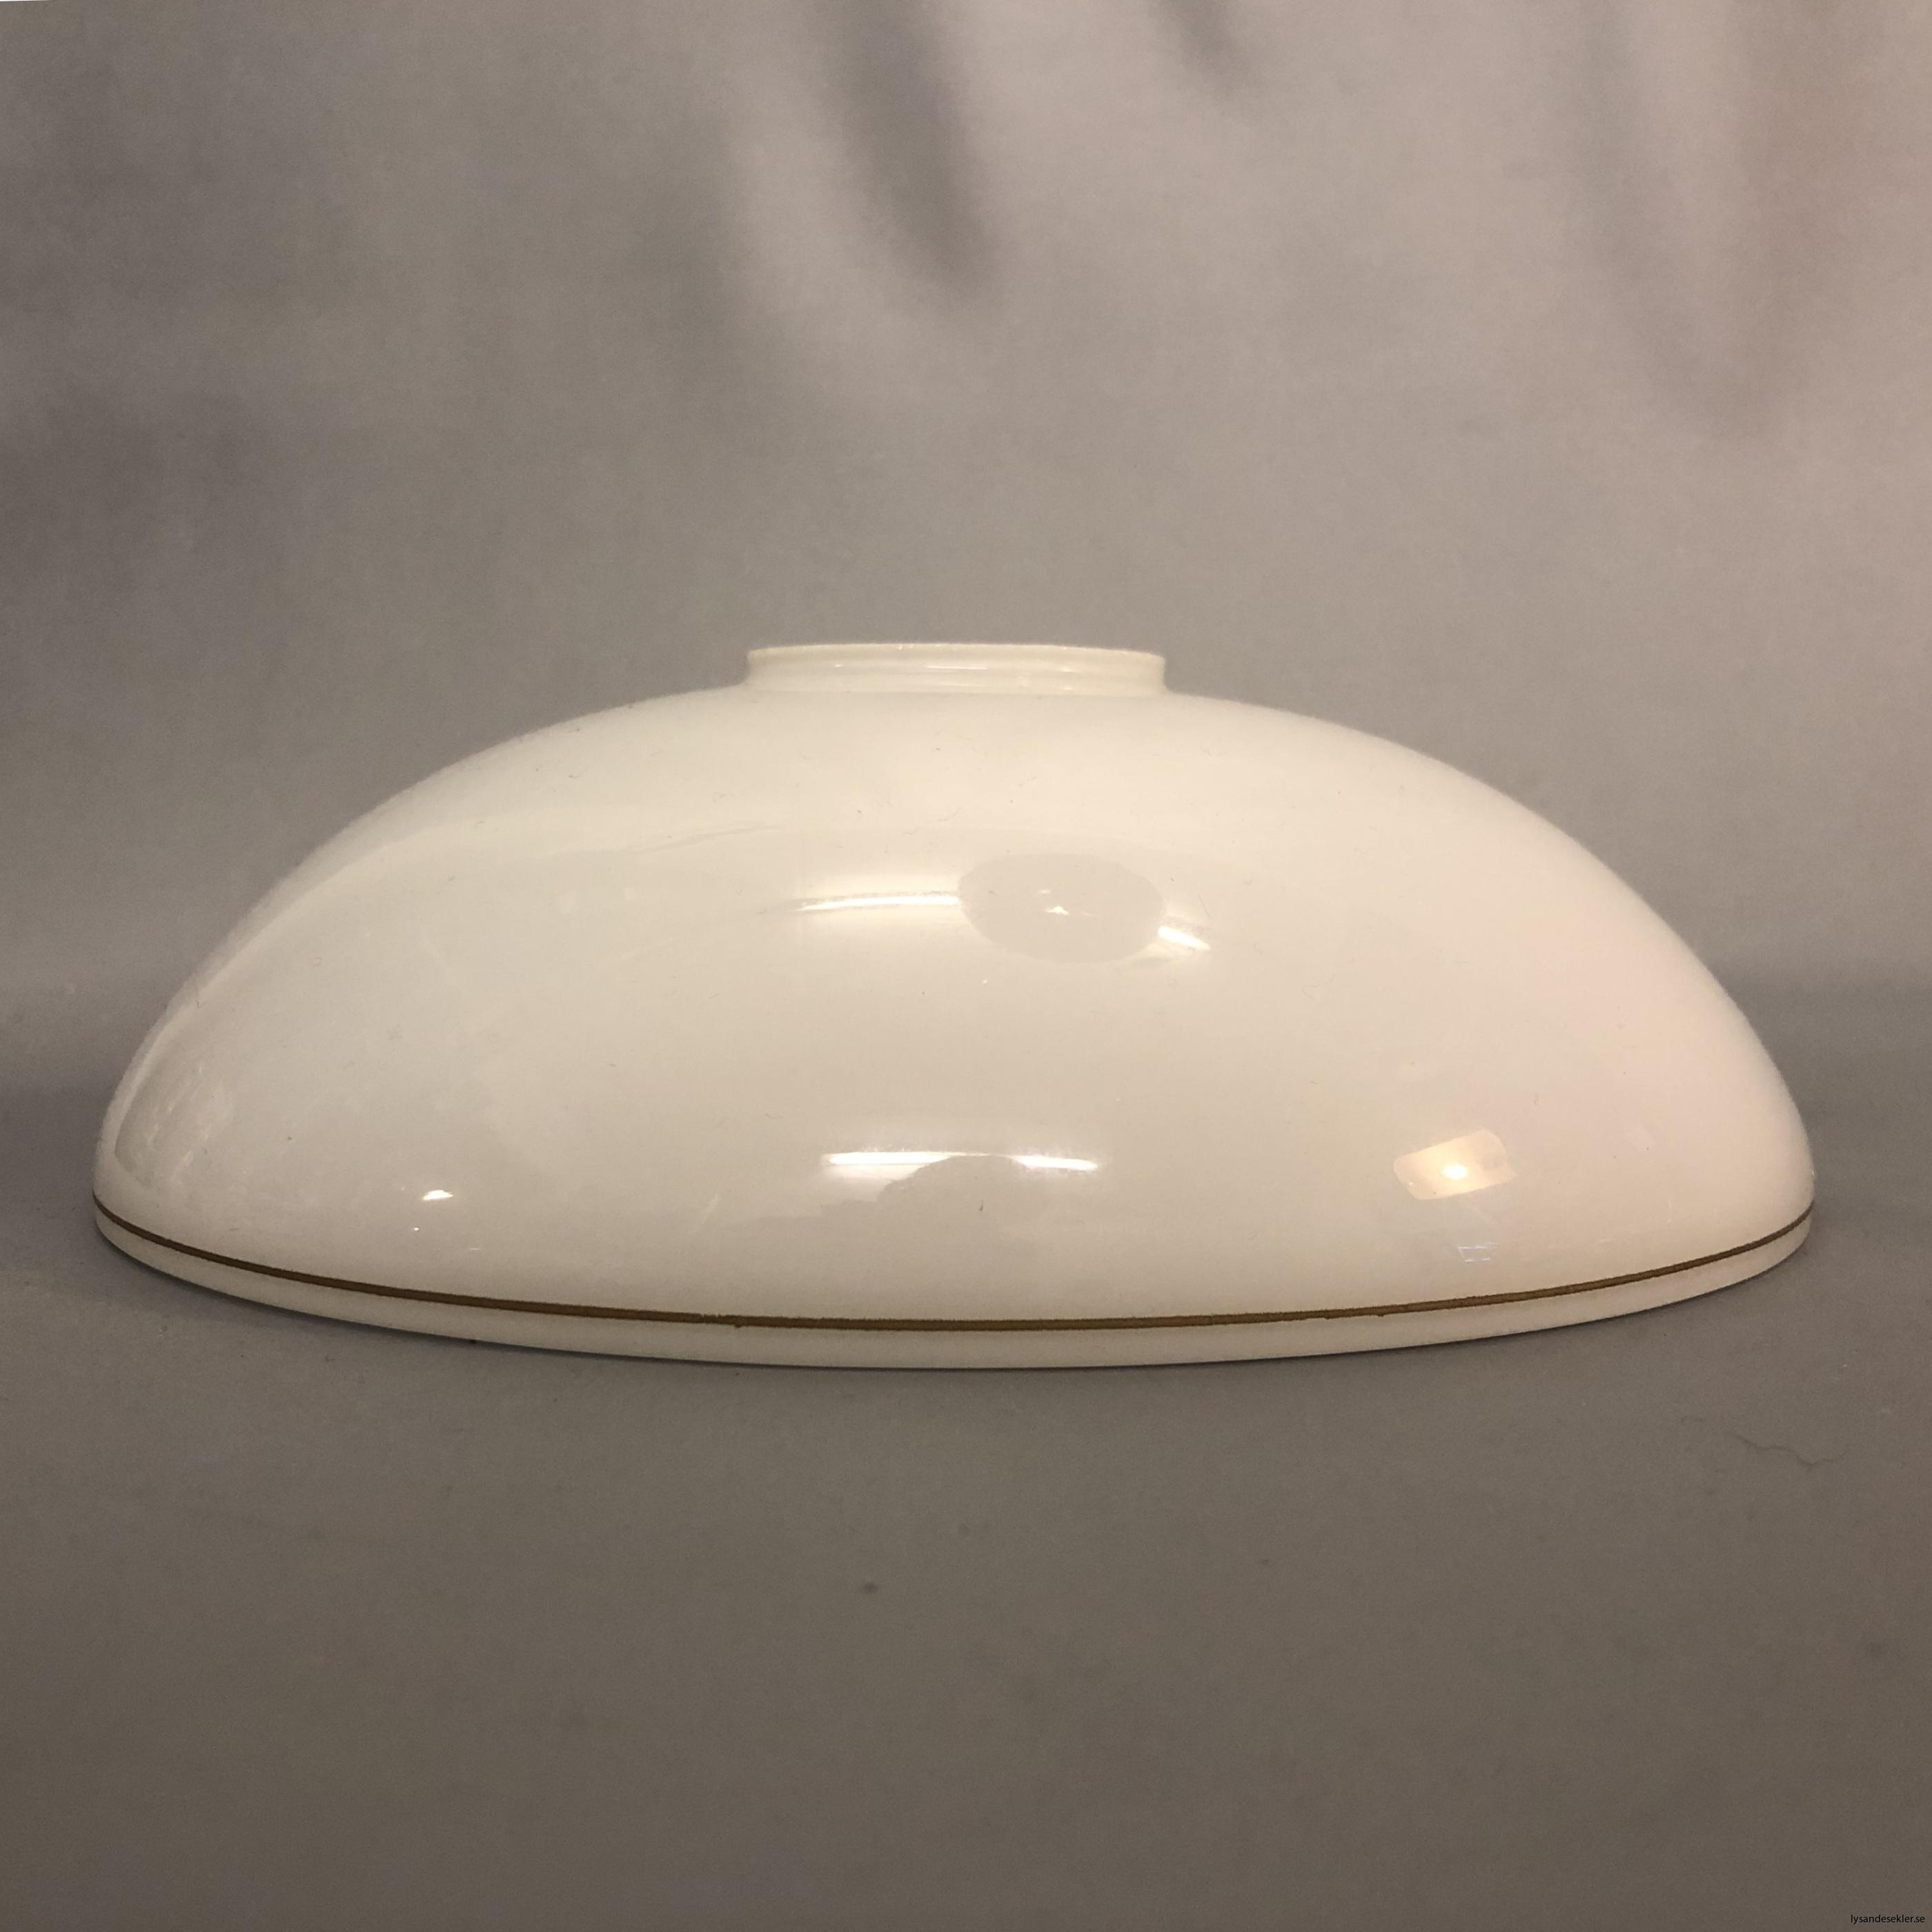 flat lampskärm med hål tallriksmodell för bl.a takarmaturer9